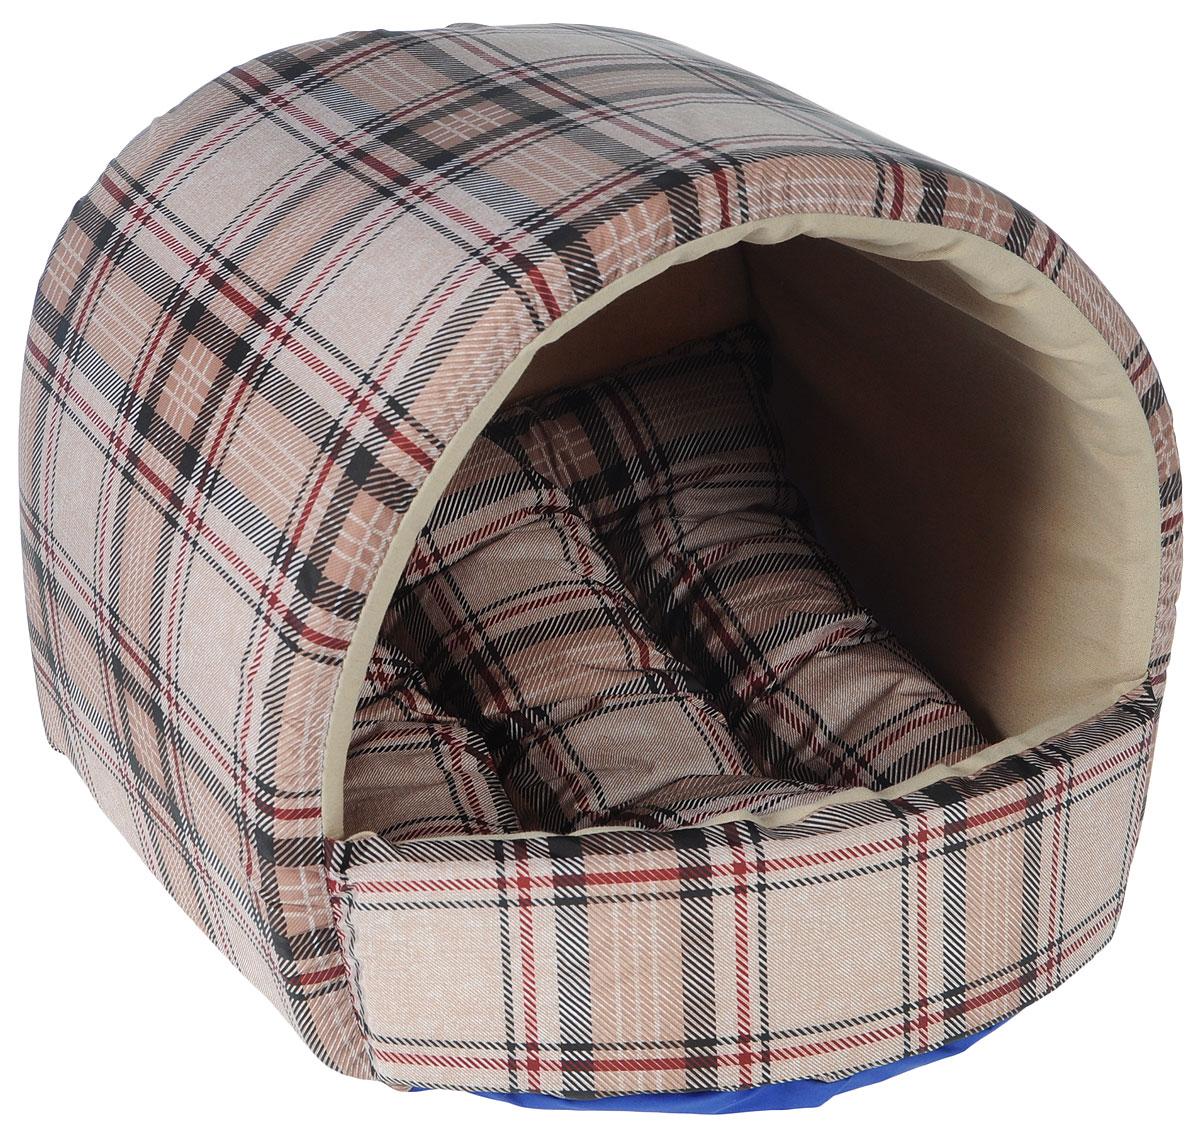 Домик для собак Happy Puppy Классик, 37 x 37 x 40 смЛ5/3 Лежак открытый СОФА _ прованс бежевый, материал бязь, холофайберДомик для собак Happy Puppy Классик обязательно понравится вашему питомцу. Он выполнен извысококачественного хлопка и полиэстера с водоотталкивающей пропиткой. Съемная подстилка с наполнителем из холлофайбера. Такой материал не теряет своей формы долгое время.Домик очень удобный и уютный. Ваш любимец сразу же захочет забраться внутрь, там он сможет отдохнуть и спрятаться.Компактные размеры позволят поместить домик, где угодно, а приятная цветовая гамма сделаетего оригинальным дополнением к любому интерьеру. Размер подстилки: 37 х 37 х 5 см, Размер домика: 37 х 37 х 40 см, Внутренняя высота домика (с учетом подстилки): 27 см. Толщина стенки: 3 см.